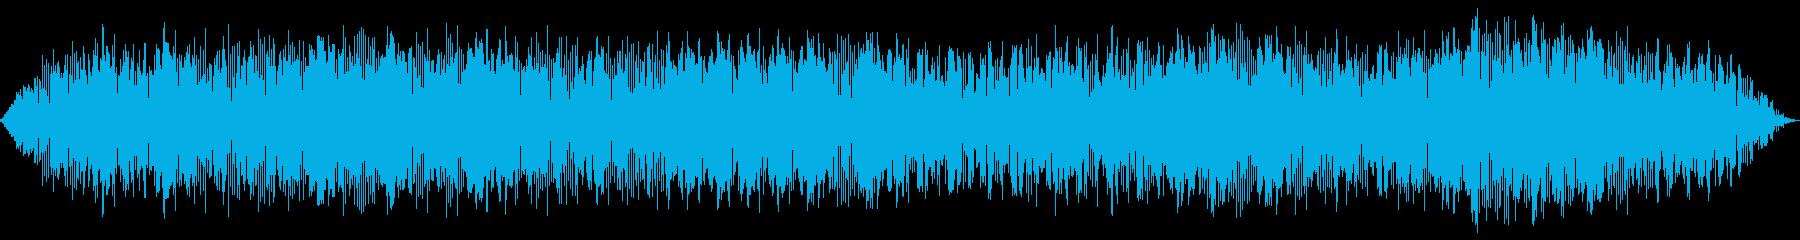 アンティークカーアイドリングの再生済みの波形